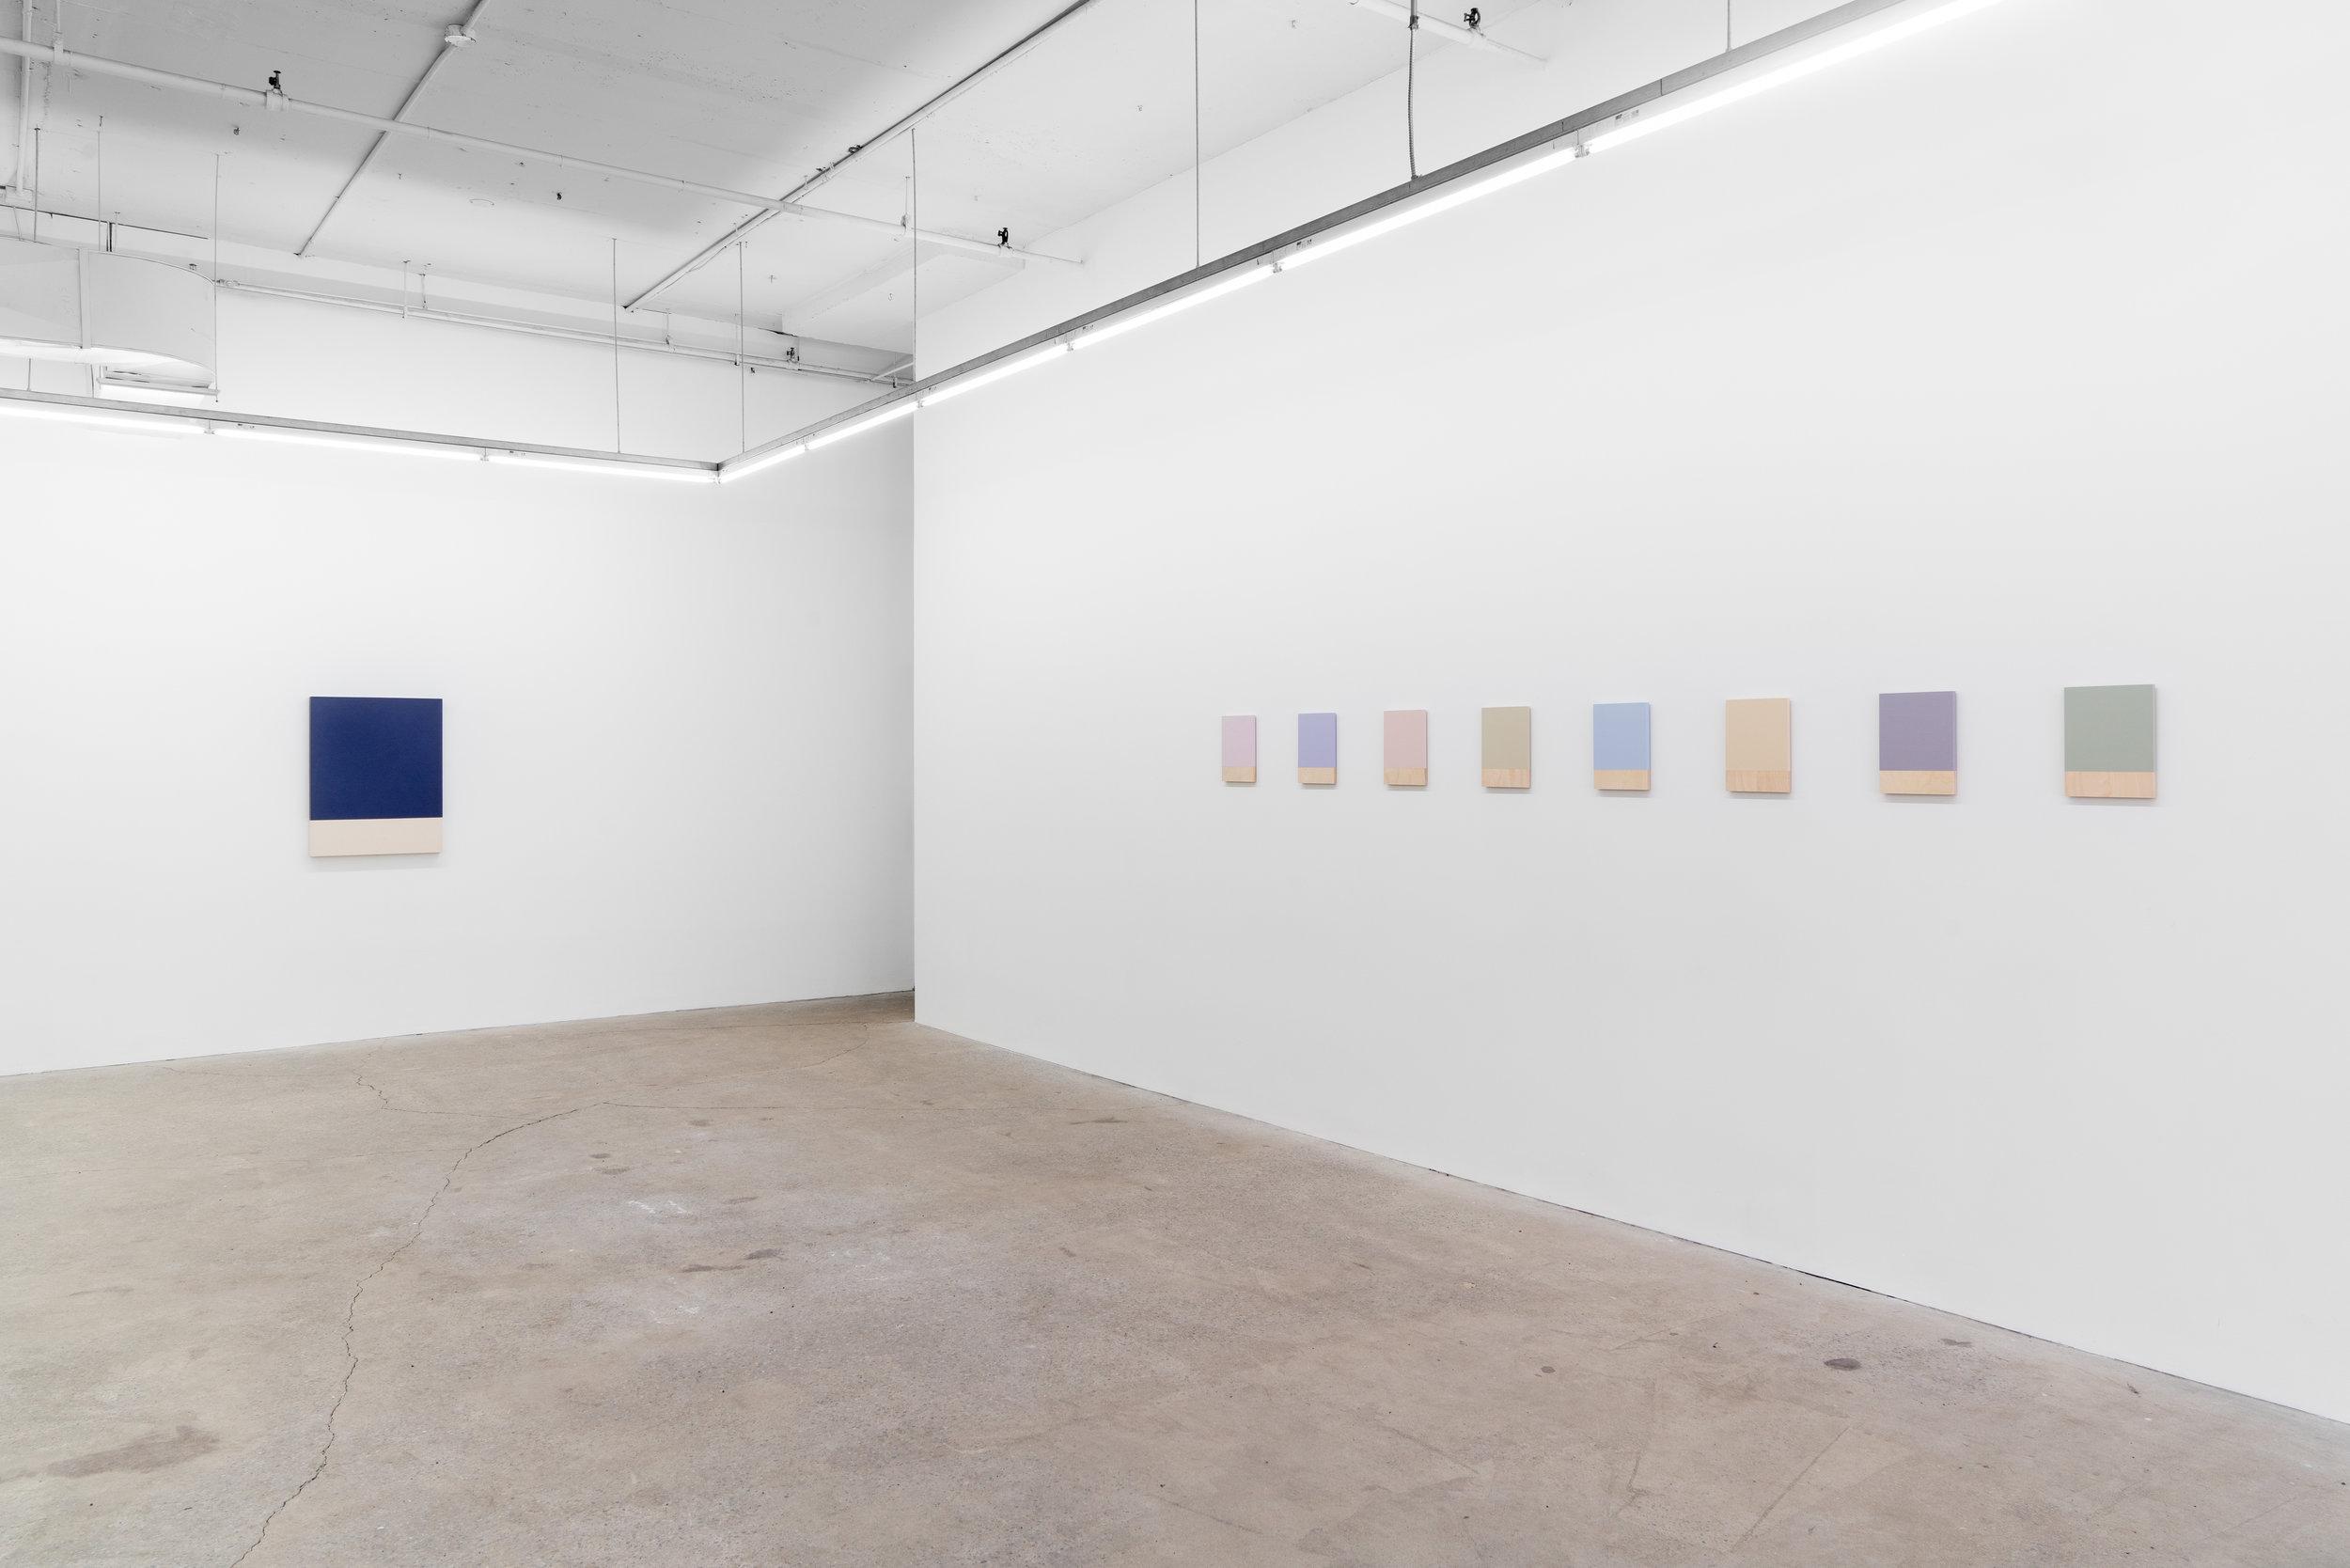 Guy Pellerin,  La couleur des lieux, Lisbonne , 2018, exhibition view, Galerie Nicolas Robert, photo : Jean-Michael Seminaro.